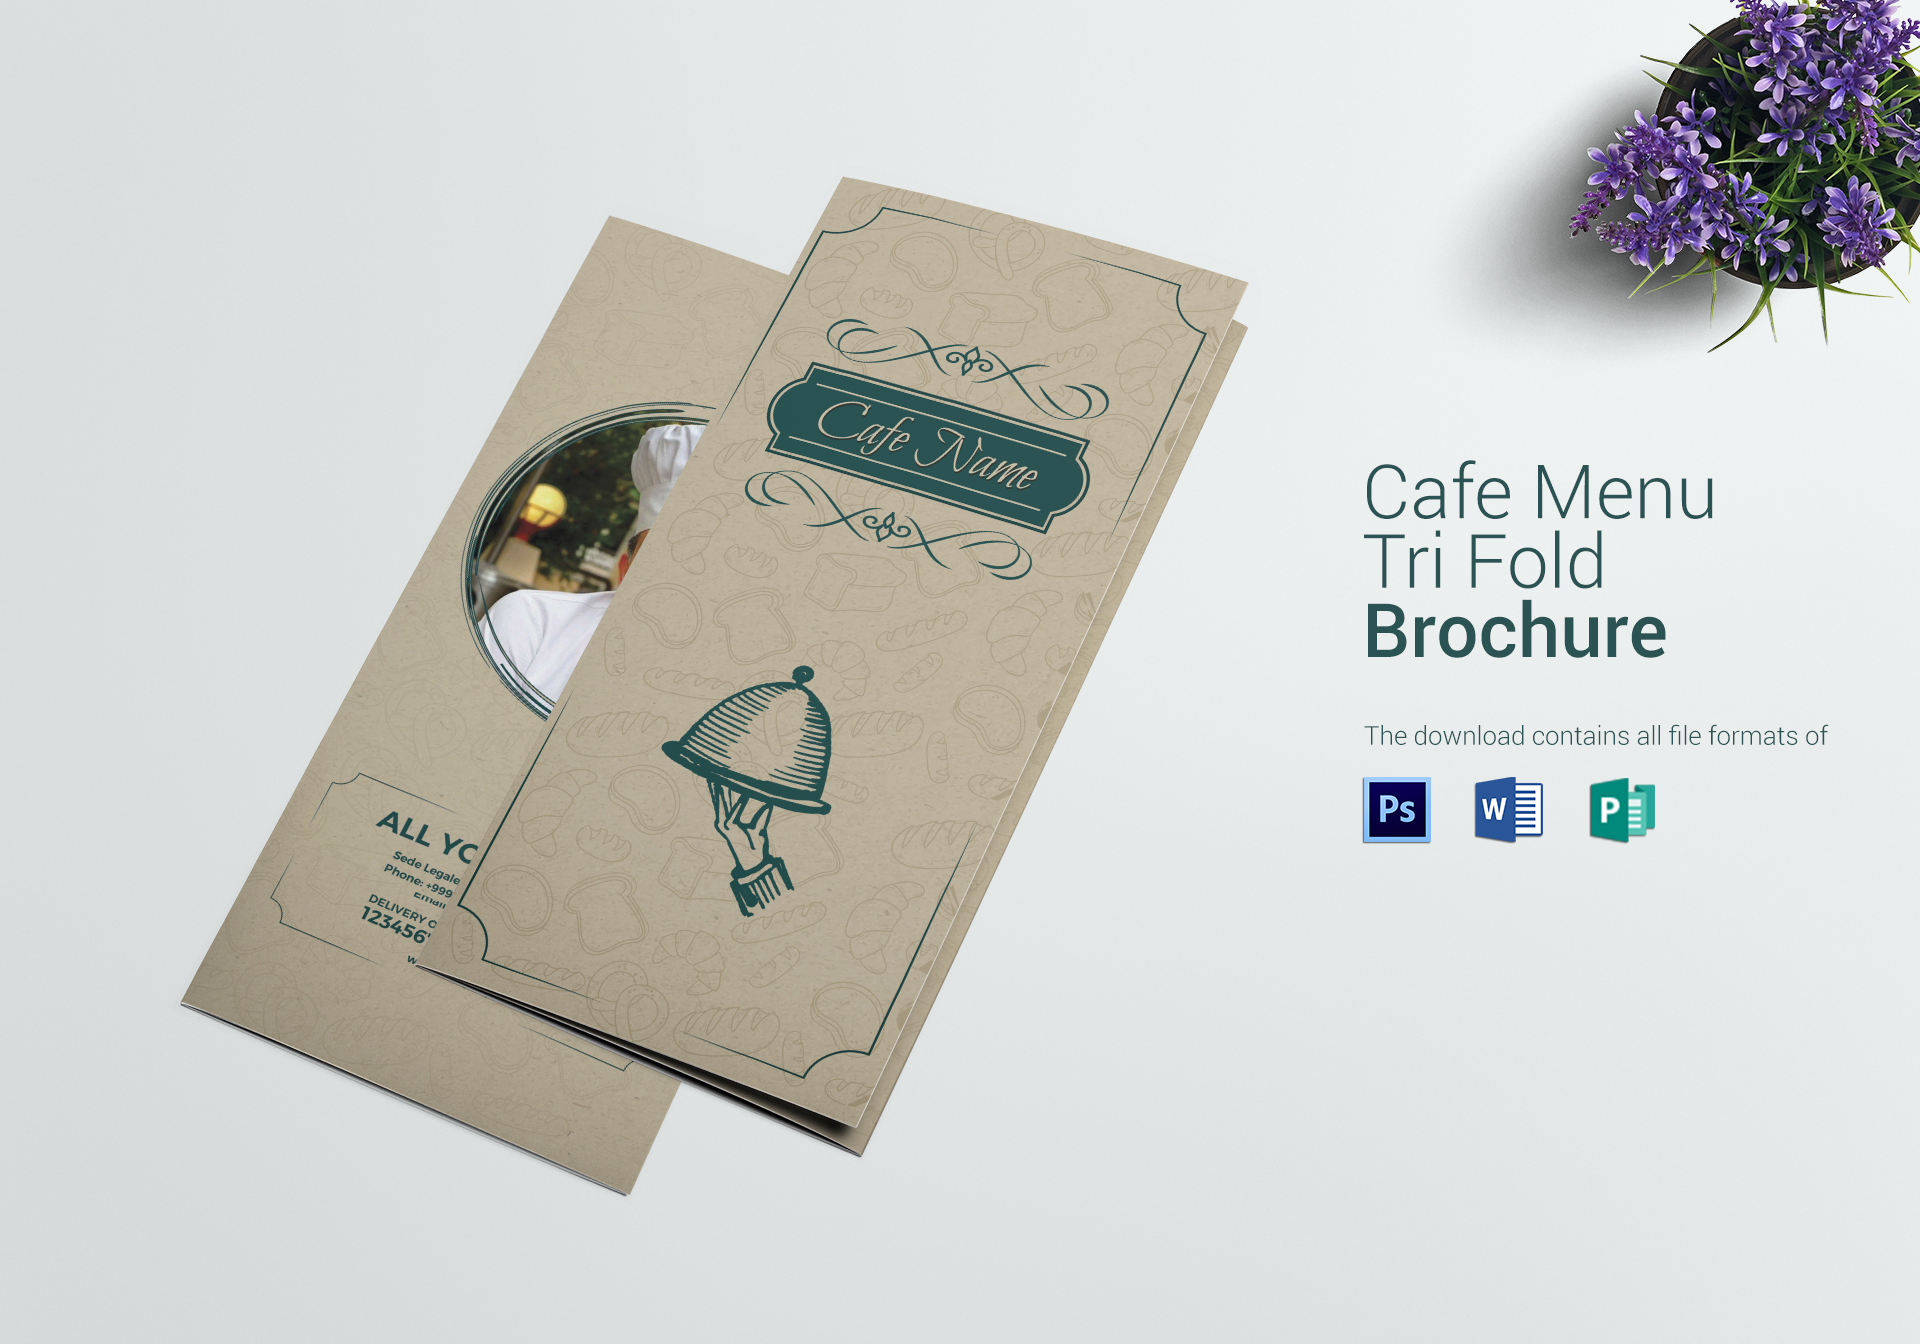 Classic Cafe Menu Tri Fold Template